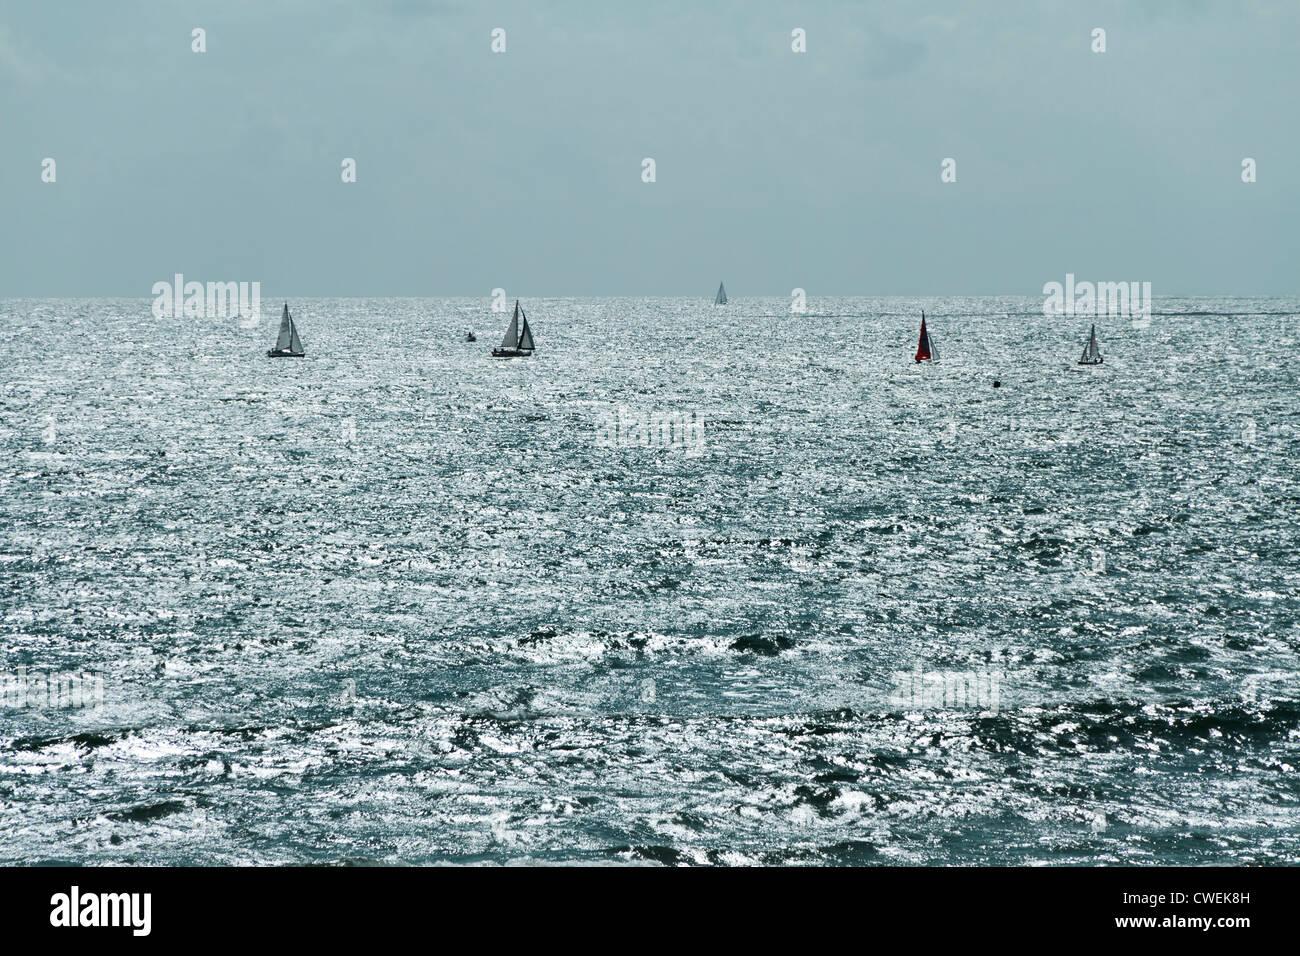 Sailing boats on sea, Les Sables-d'Olonne, Vendee, Pays de la Loire, France, Europe. - Stock Image